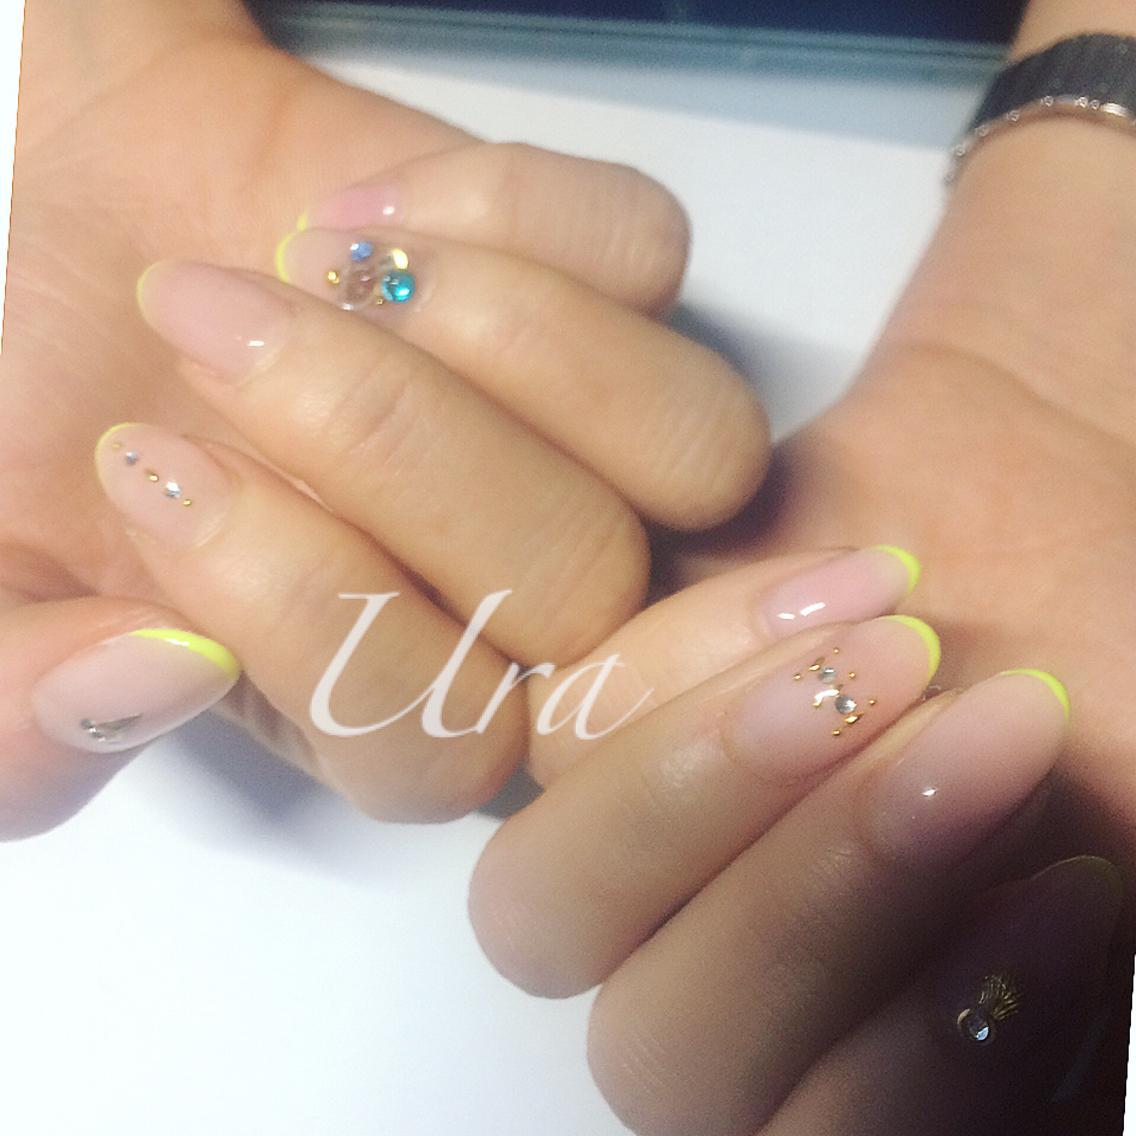 ネオンカラーの極細フレンチ約120分\u203b爪先の白い部分を消すためにベースカラーは自爪色に近いピンクベージュを使用しております。 ネイル